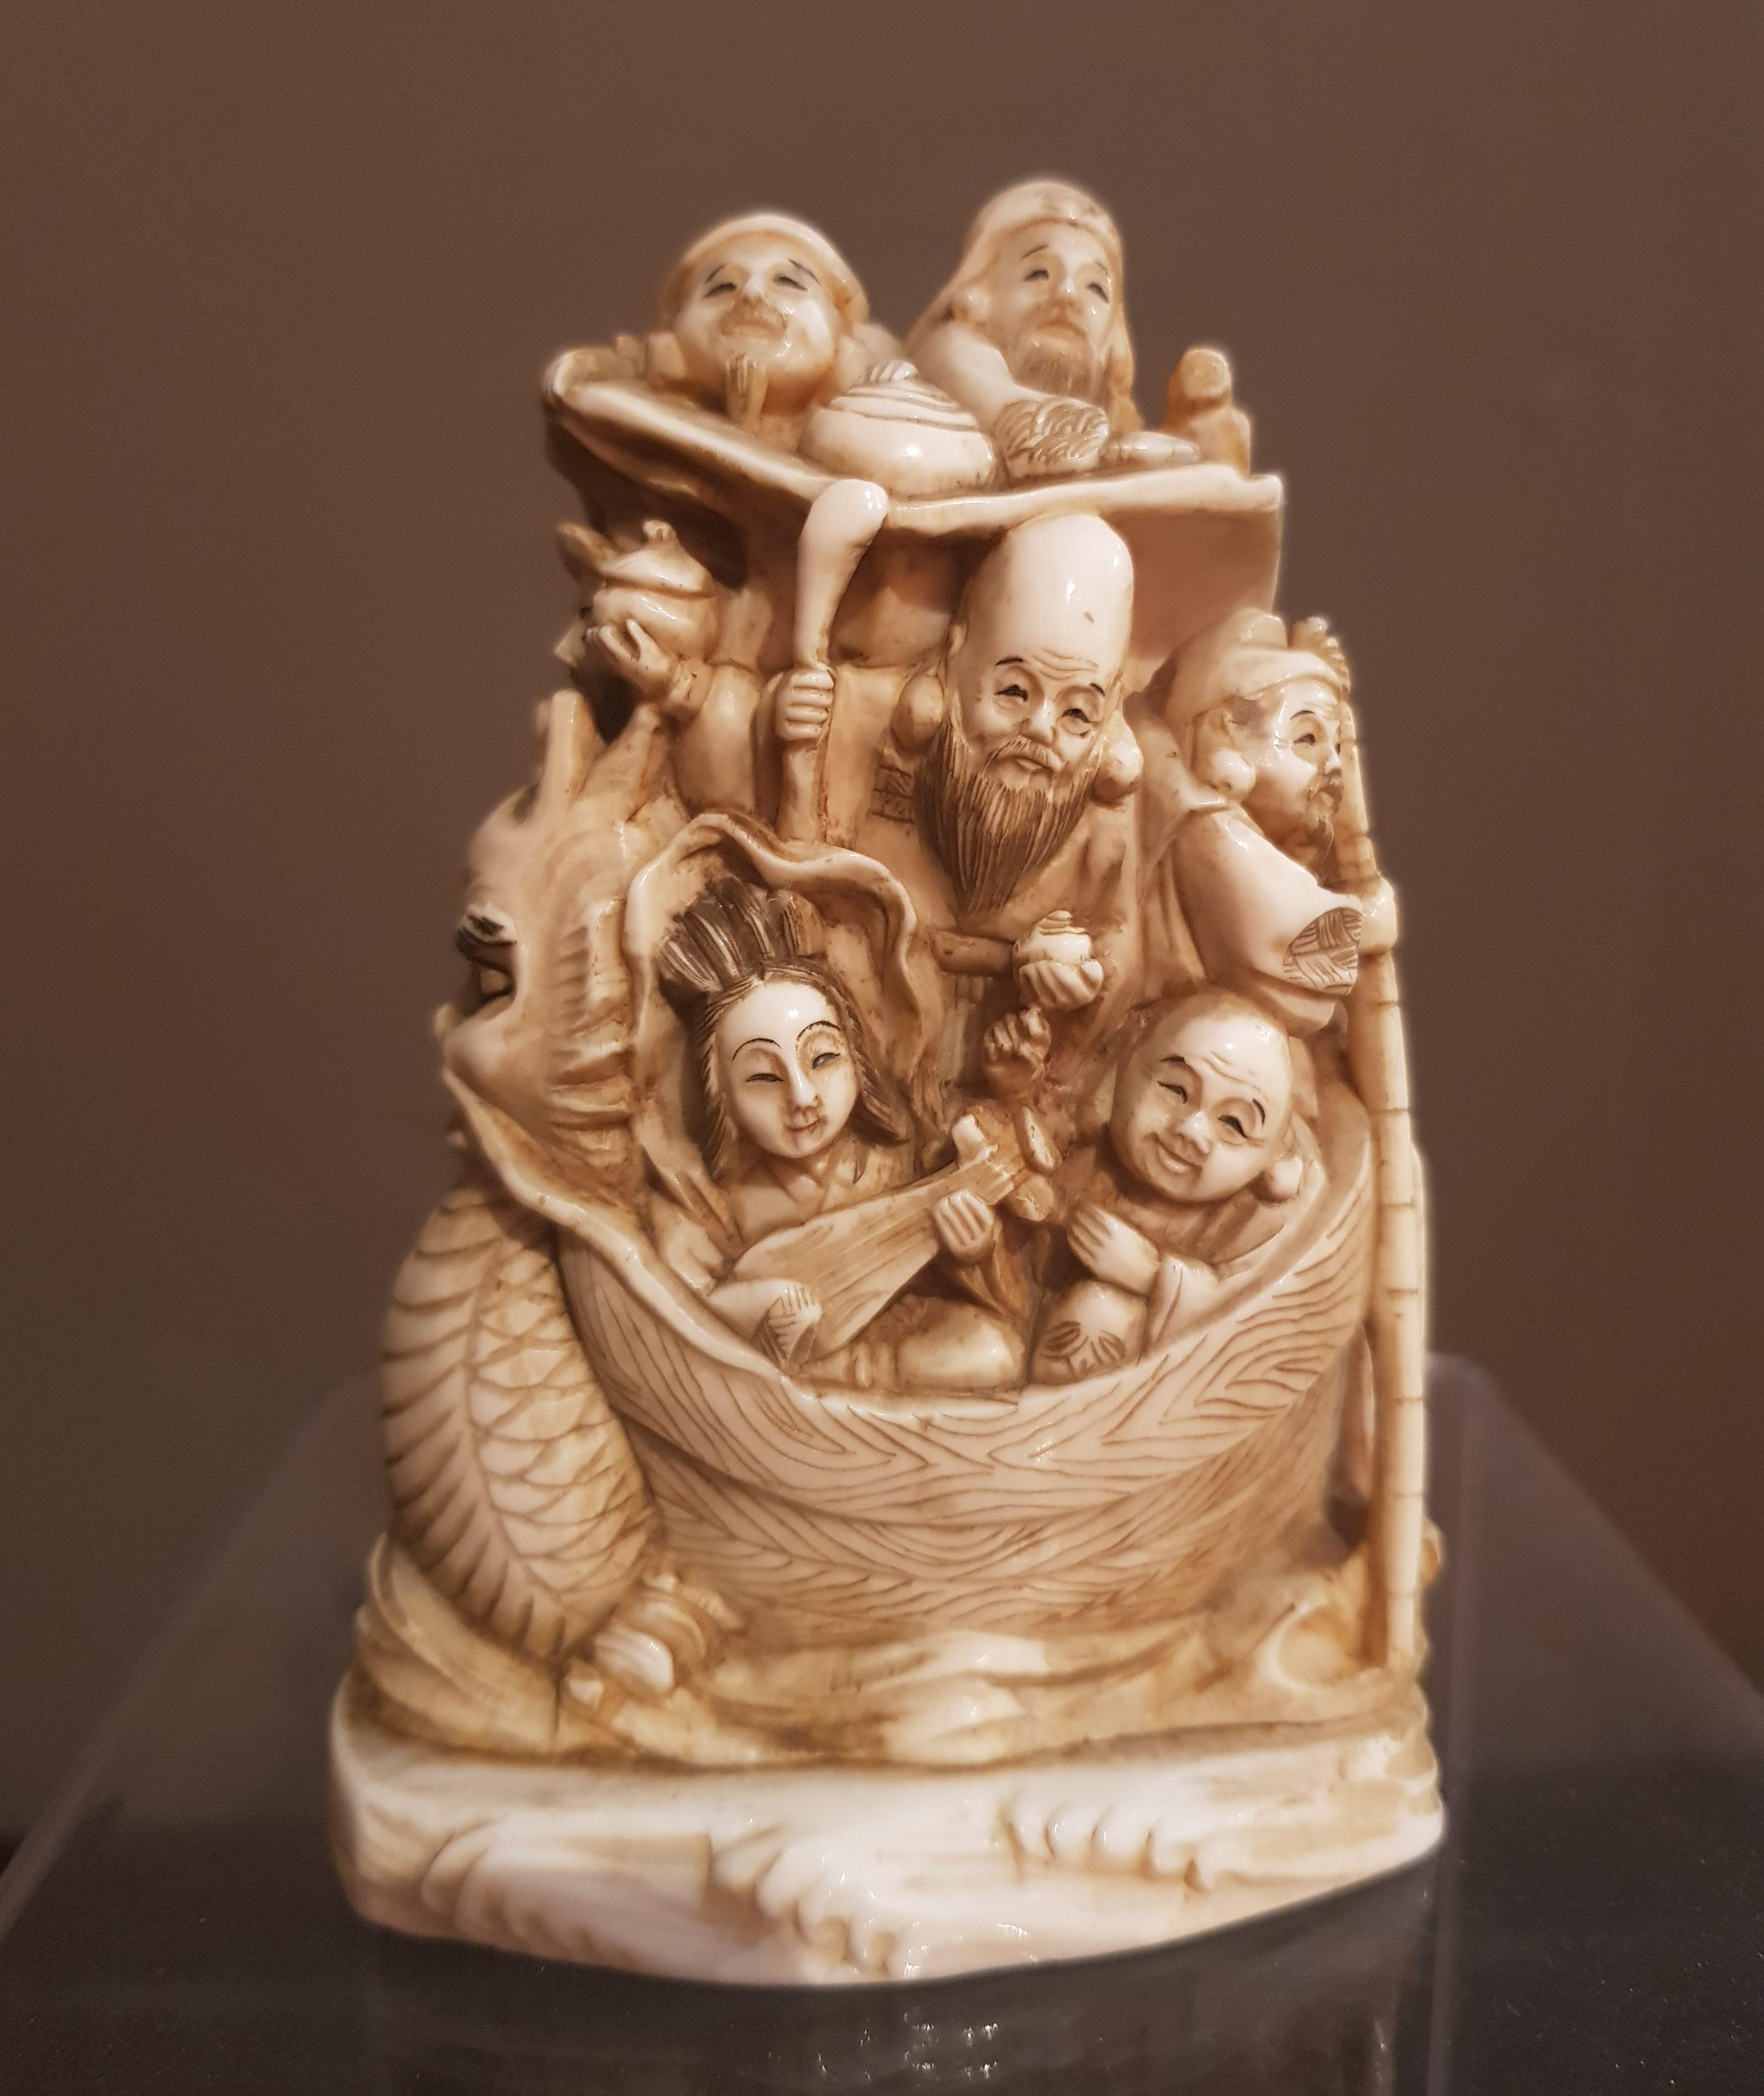 Okimono en Ivoire - Immortels sur la barque - Meiji Fin 19 ème. Image